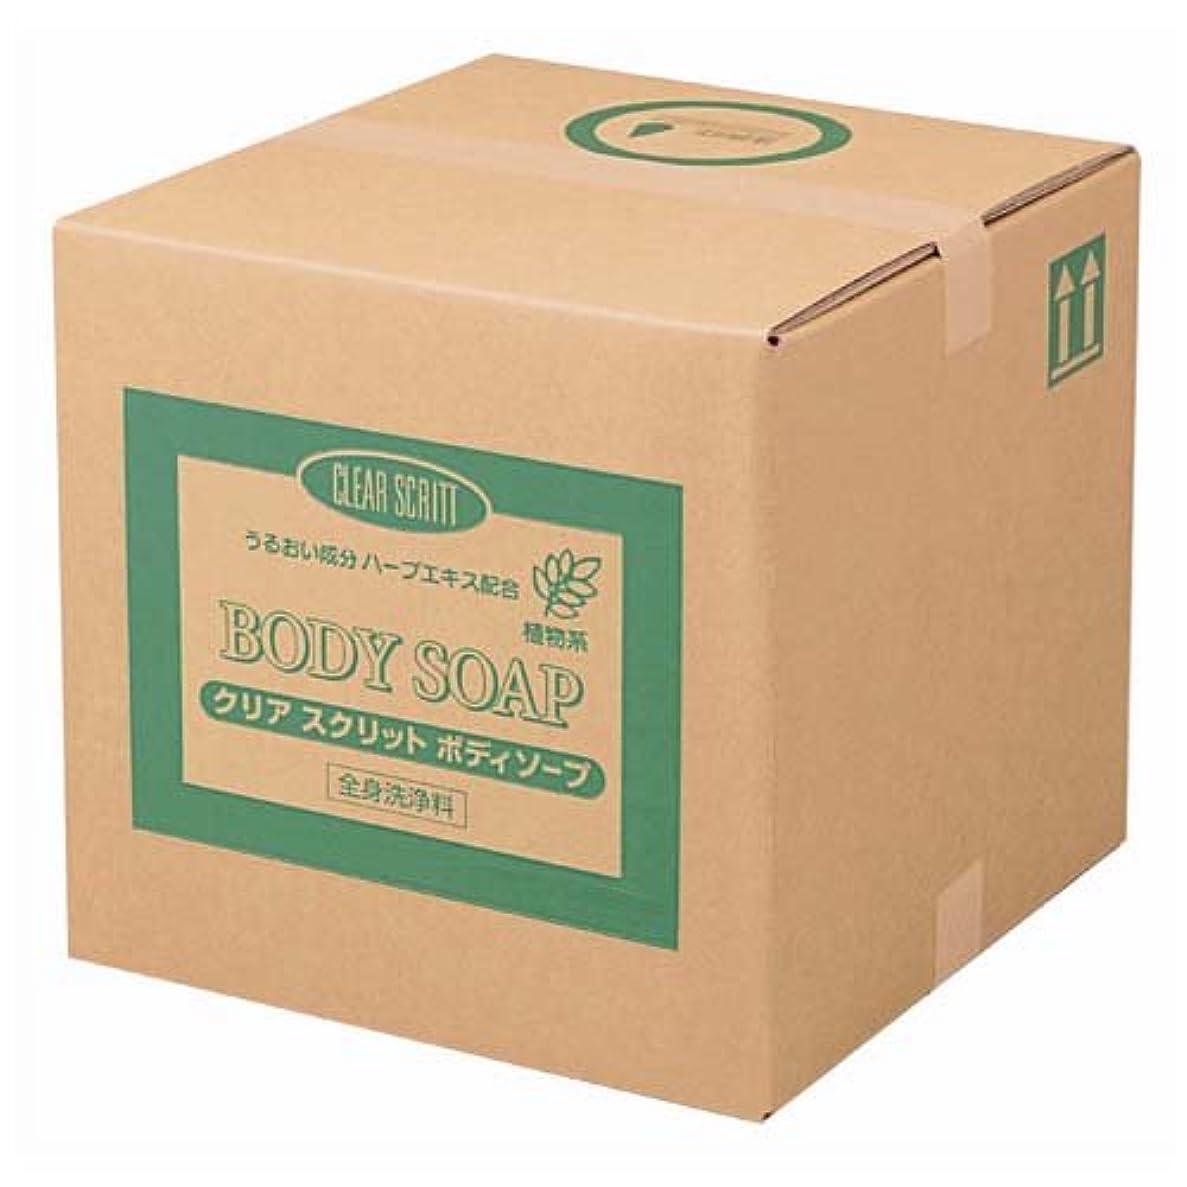 アナログ資本チャンバークリアスクリットボディソープ 4355(18L)